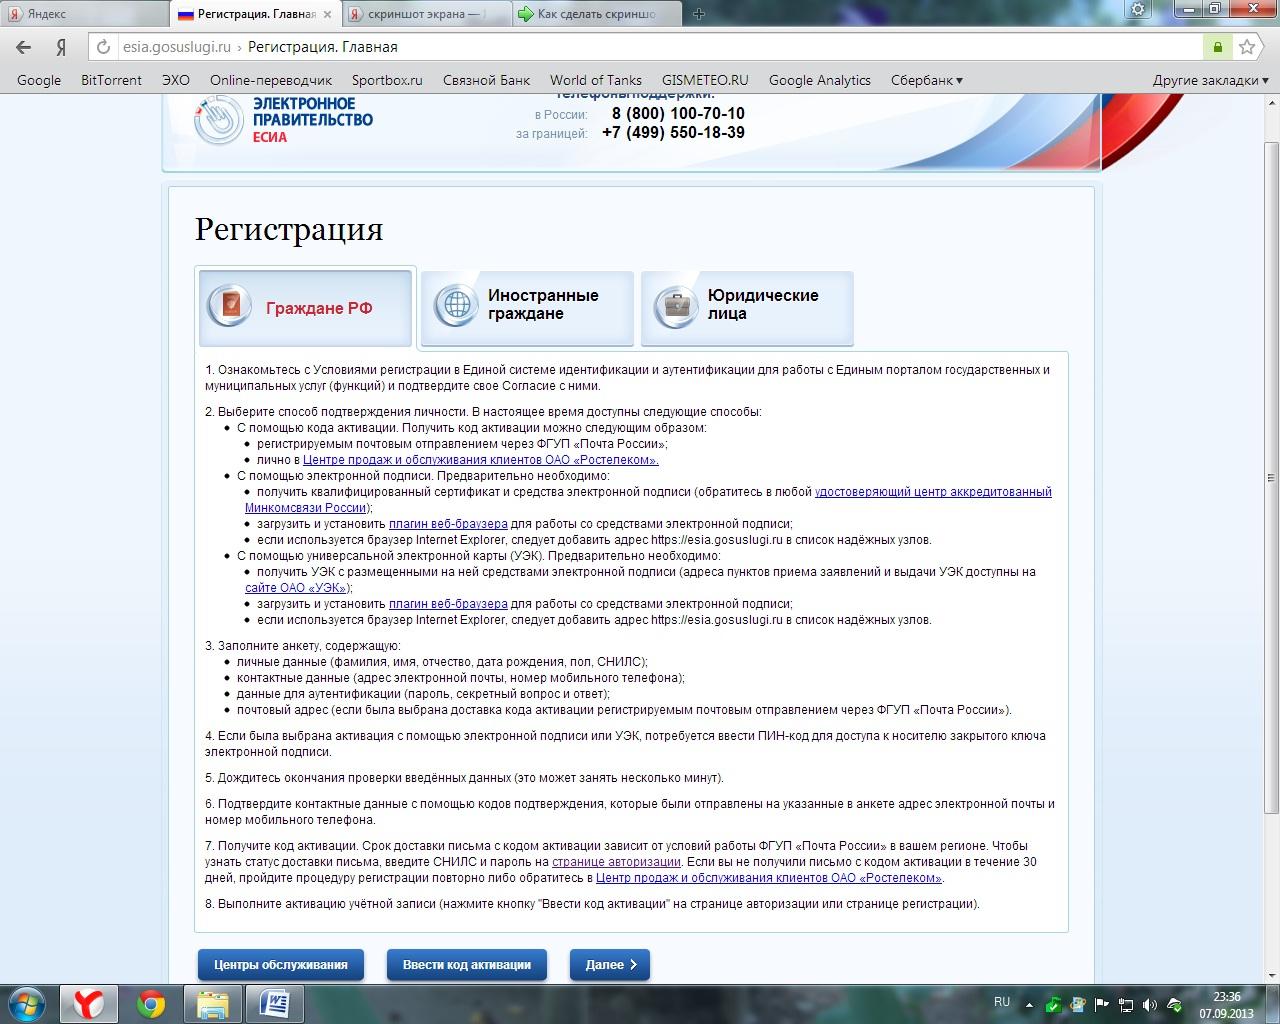 Закажите код подтверждения через почту россии как сделать